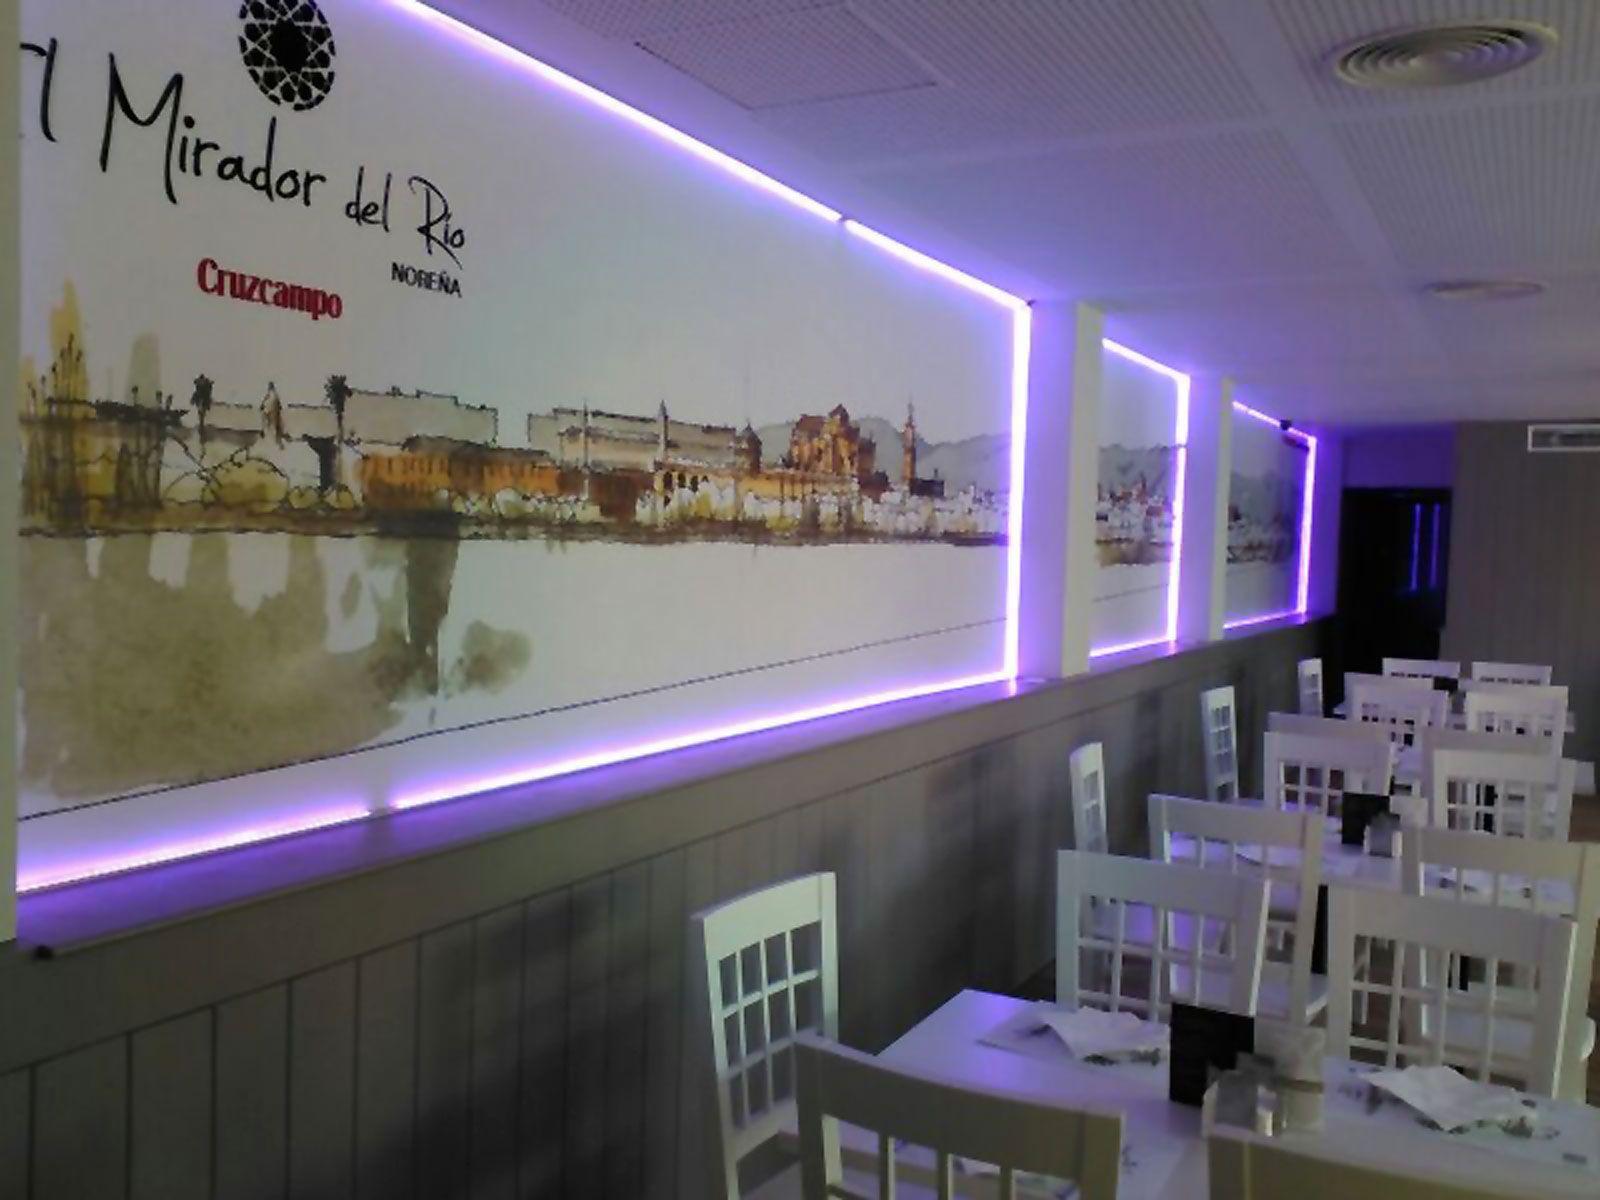 Restaurante el Mirador del Río - Noreña